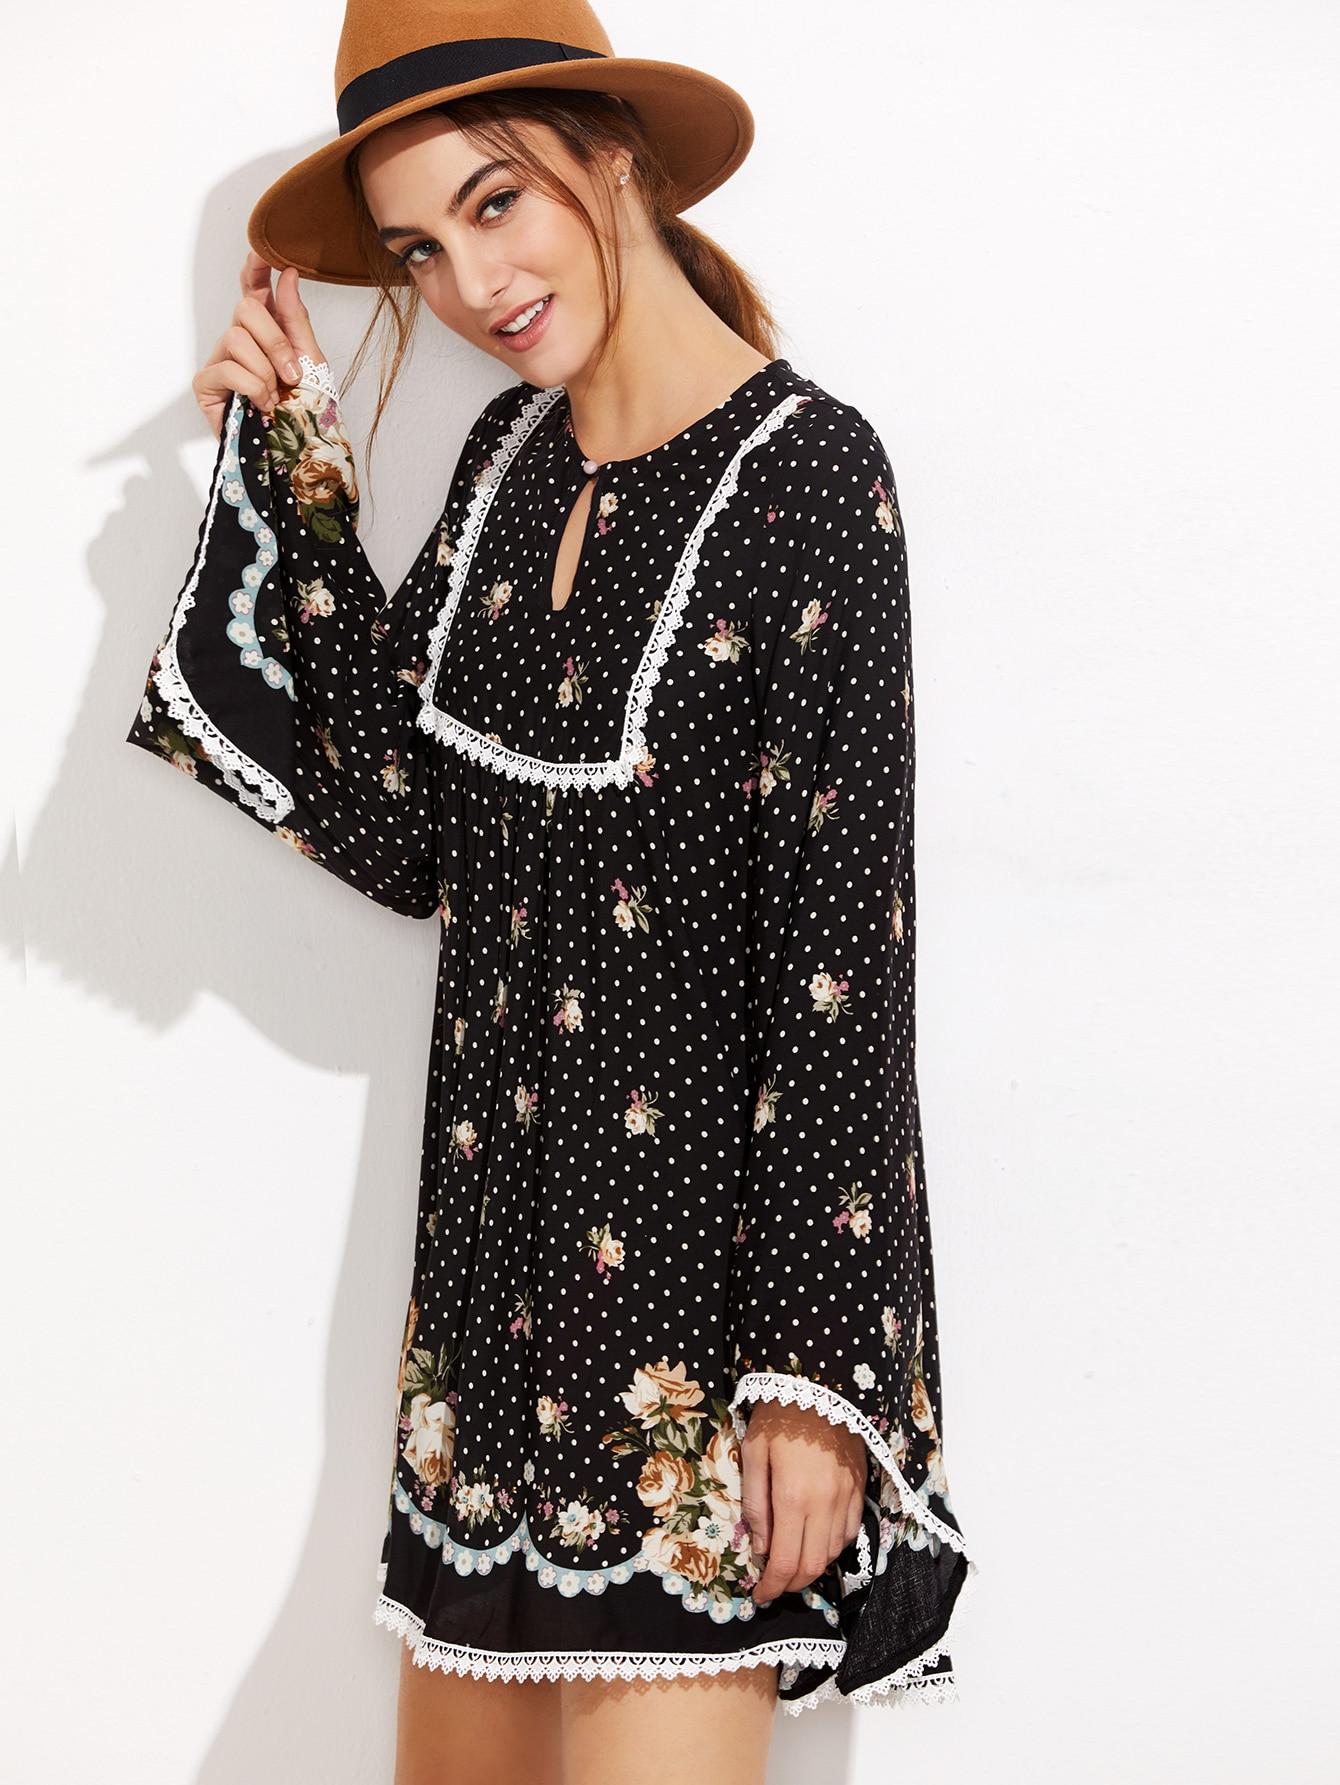 dress161026450_2